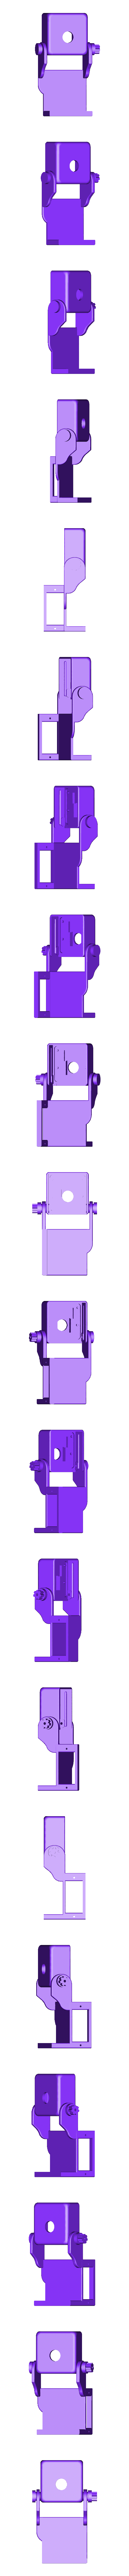 Camera_stand_w-solid_attached_servos_v11.stl Télécharger fichier STL gratuit Support de caméra 3D pour Raspberry pi • Design imprimable en 3D, Jadkison60